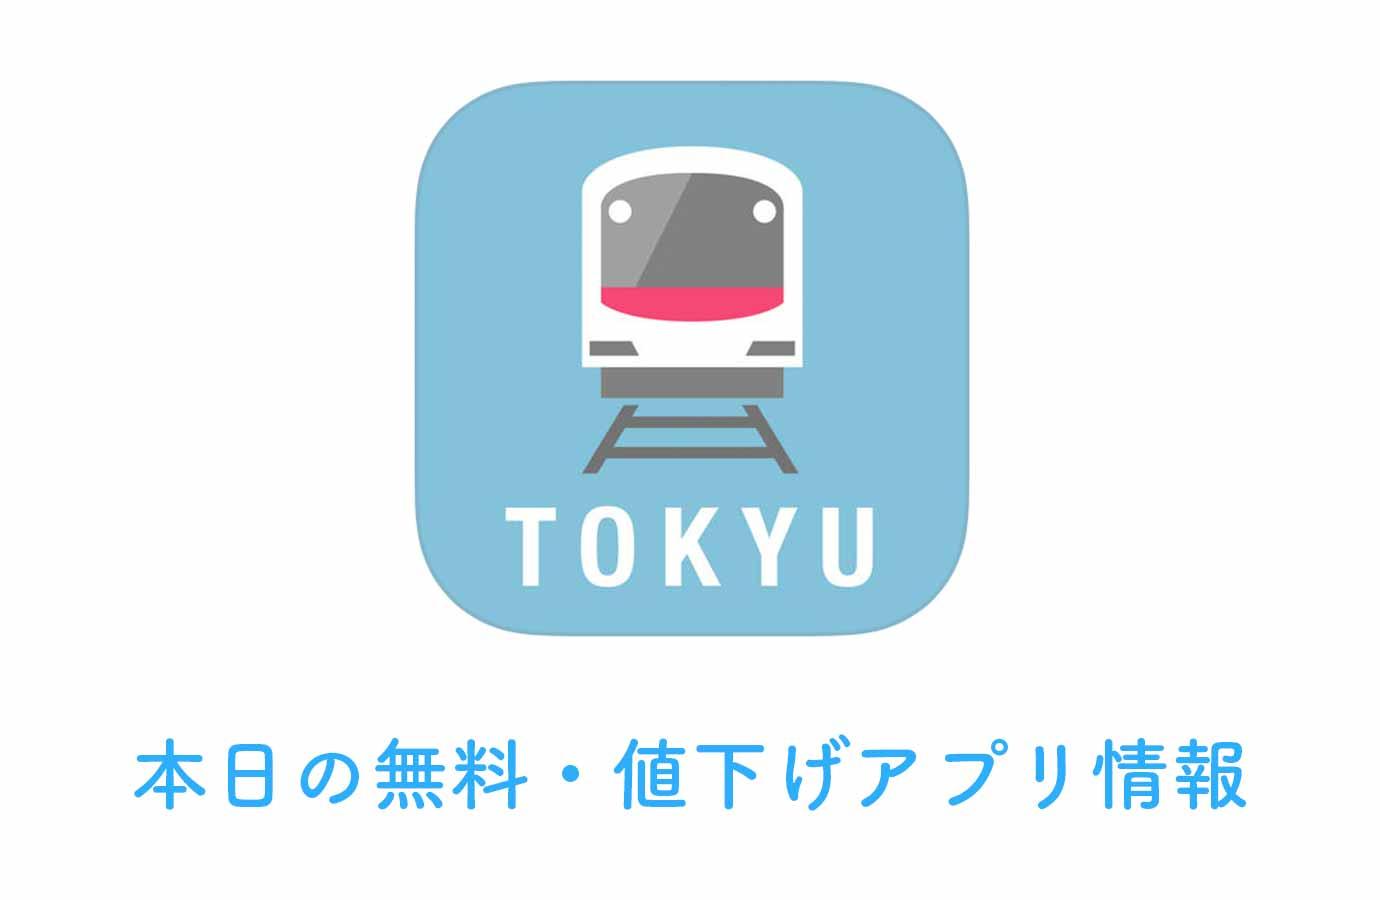 東急電鉄、iOSアプリ「東急線アプリ 2.2.0」リリース ― マイ乗降駅機能や天気予報機能などいくつかの新機能を追加